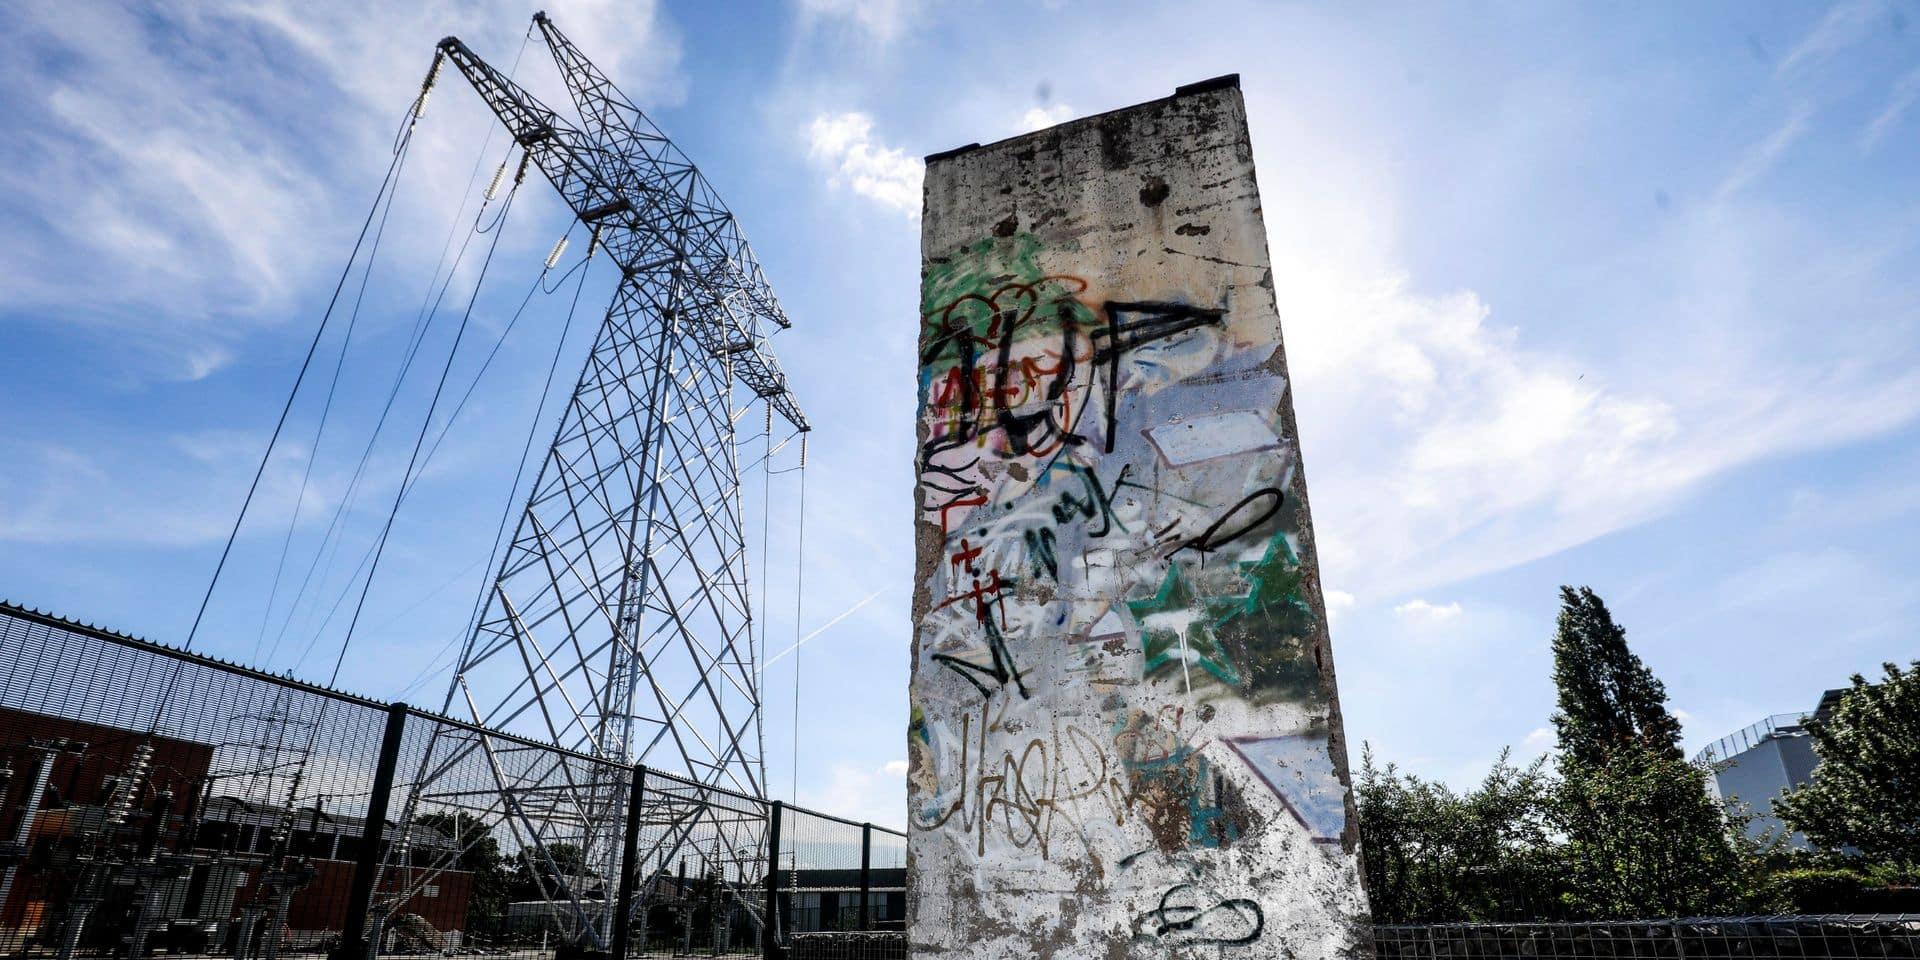 """Un morceau du Mur de Berlin installé à Bruxelles : """"Les pierres restent mais les murs ne durent pas, les gens les font tomber"""""""